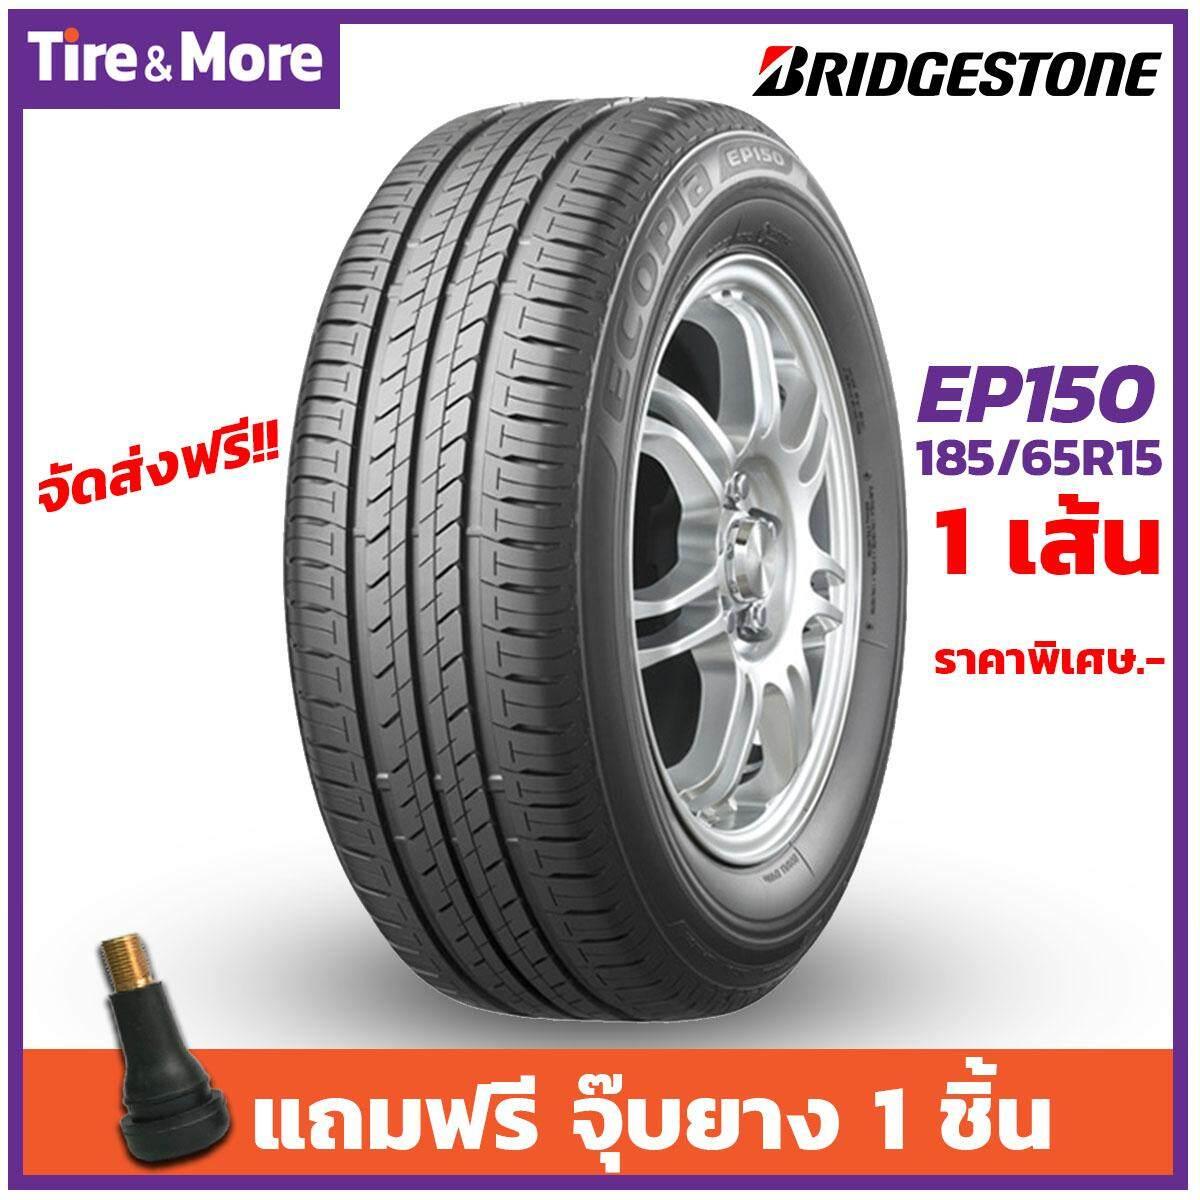 ประกันภัย รถยนต์ 3 พลัส ราคา ถูก ยะลา 185/65R15 ยางรถยนต์ Bridgestone EP150 1 เส้น [แถมฟรีจุ๊บลมยาง 1 ชิ้น] บริสโตน